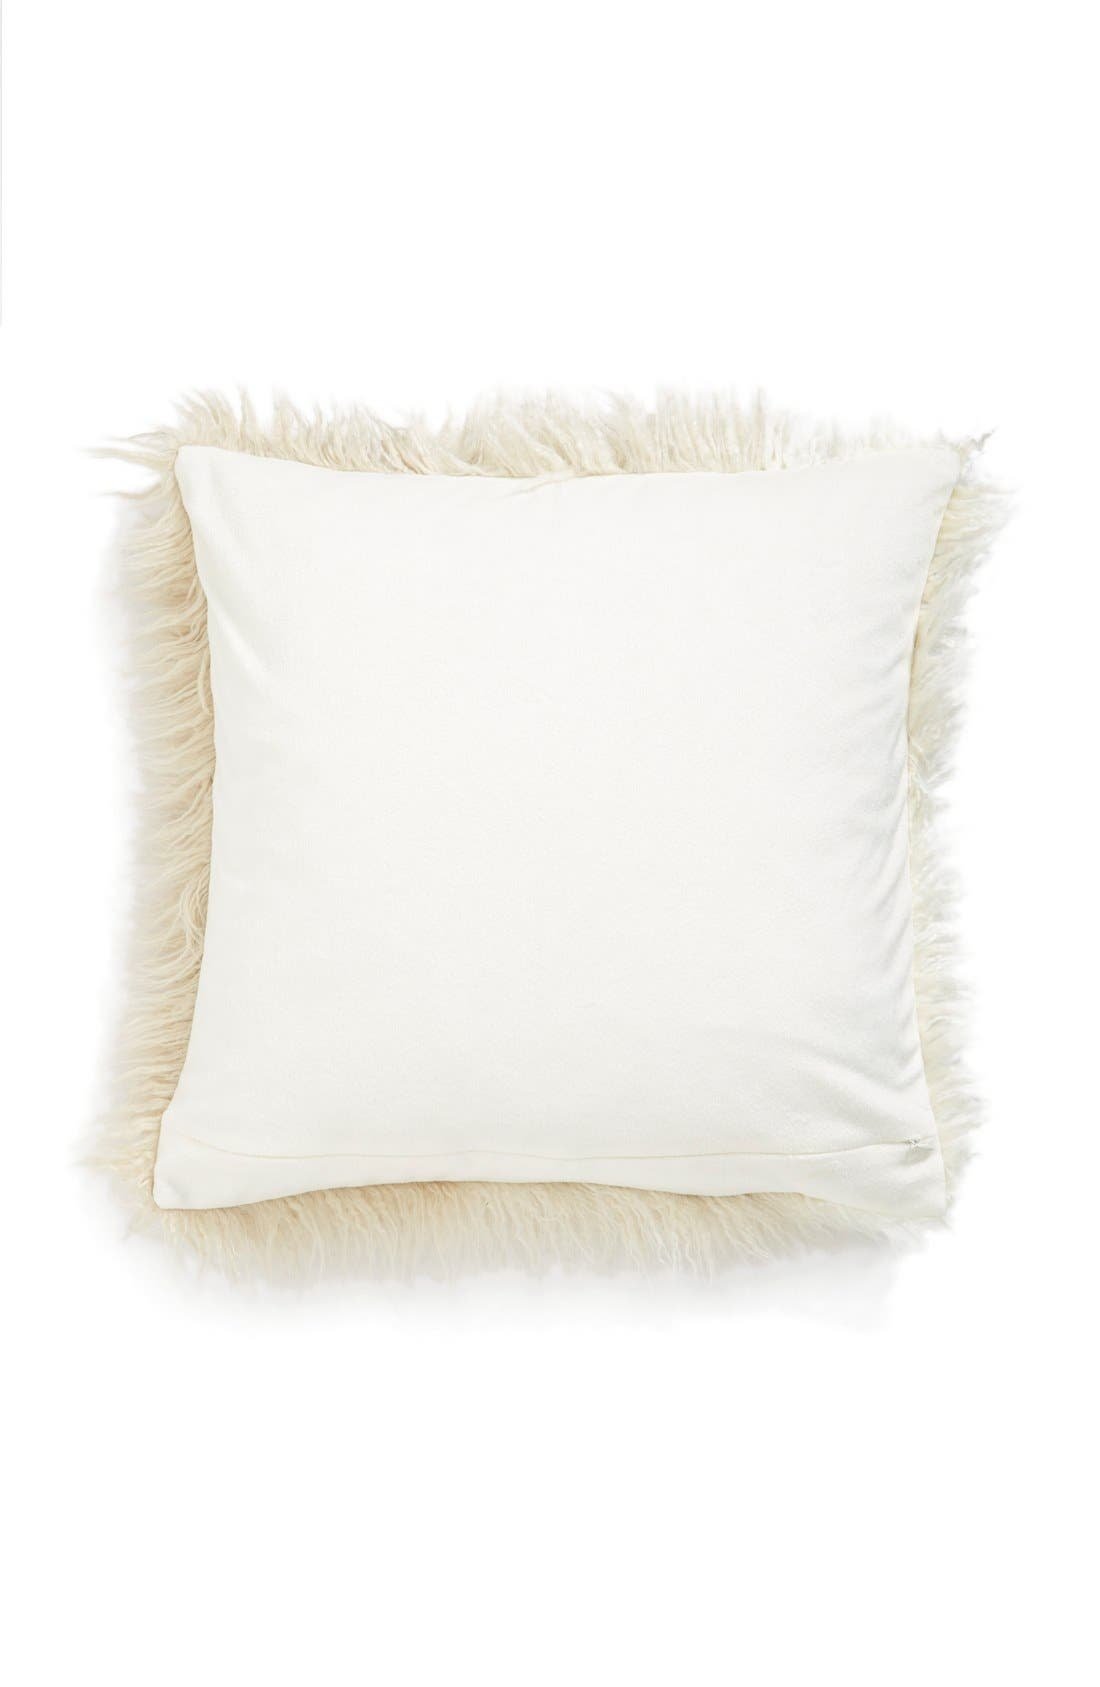 Ombré Faux Fur Flokati Accent Pillow,                             Alternate thumbnail 7, color,